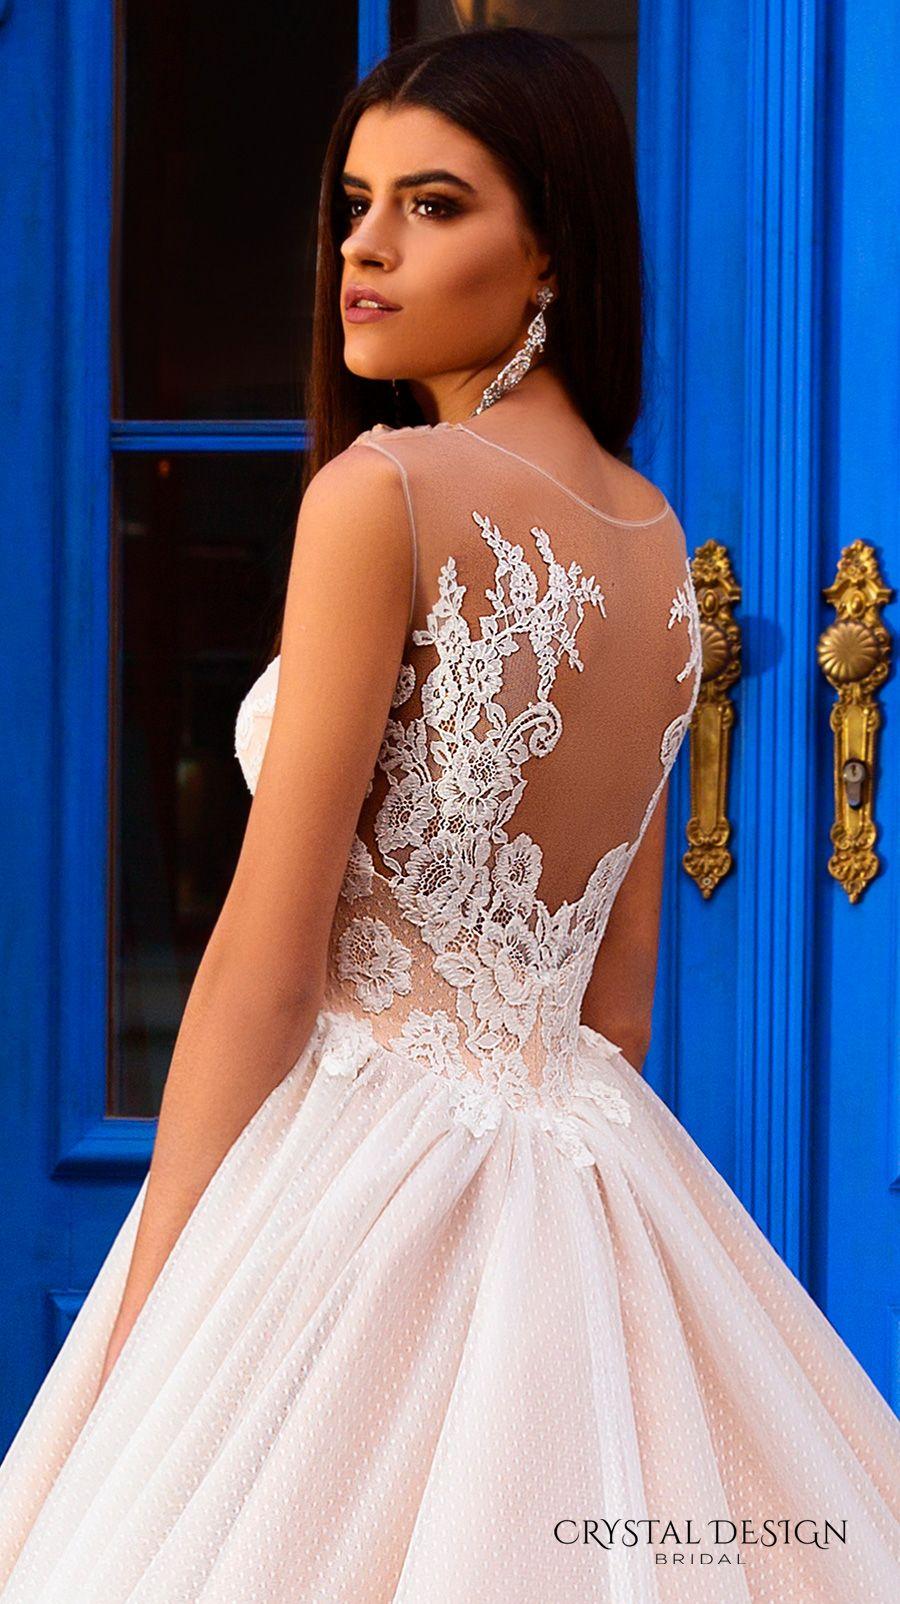 Elegant wedding dresses for mature brides  Crystal Design  Wedding Dresses  Wedding Gowns and Design